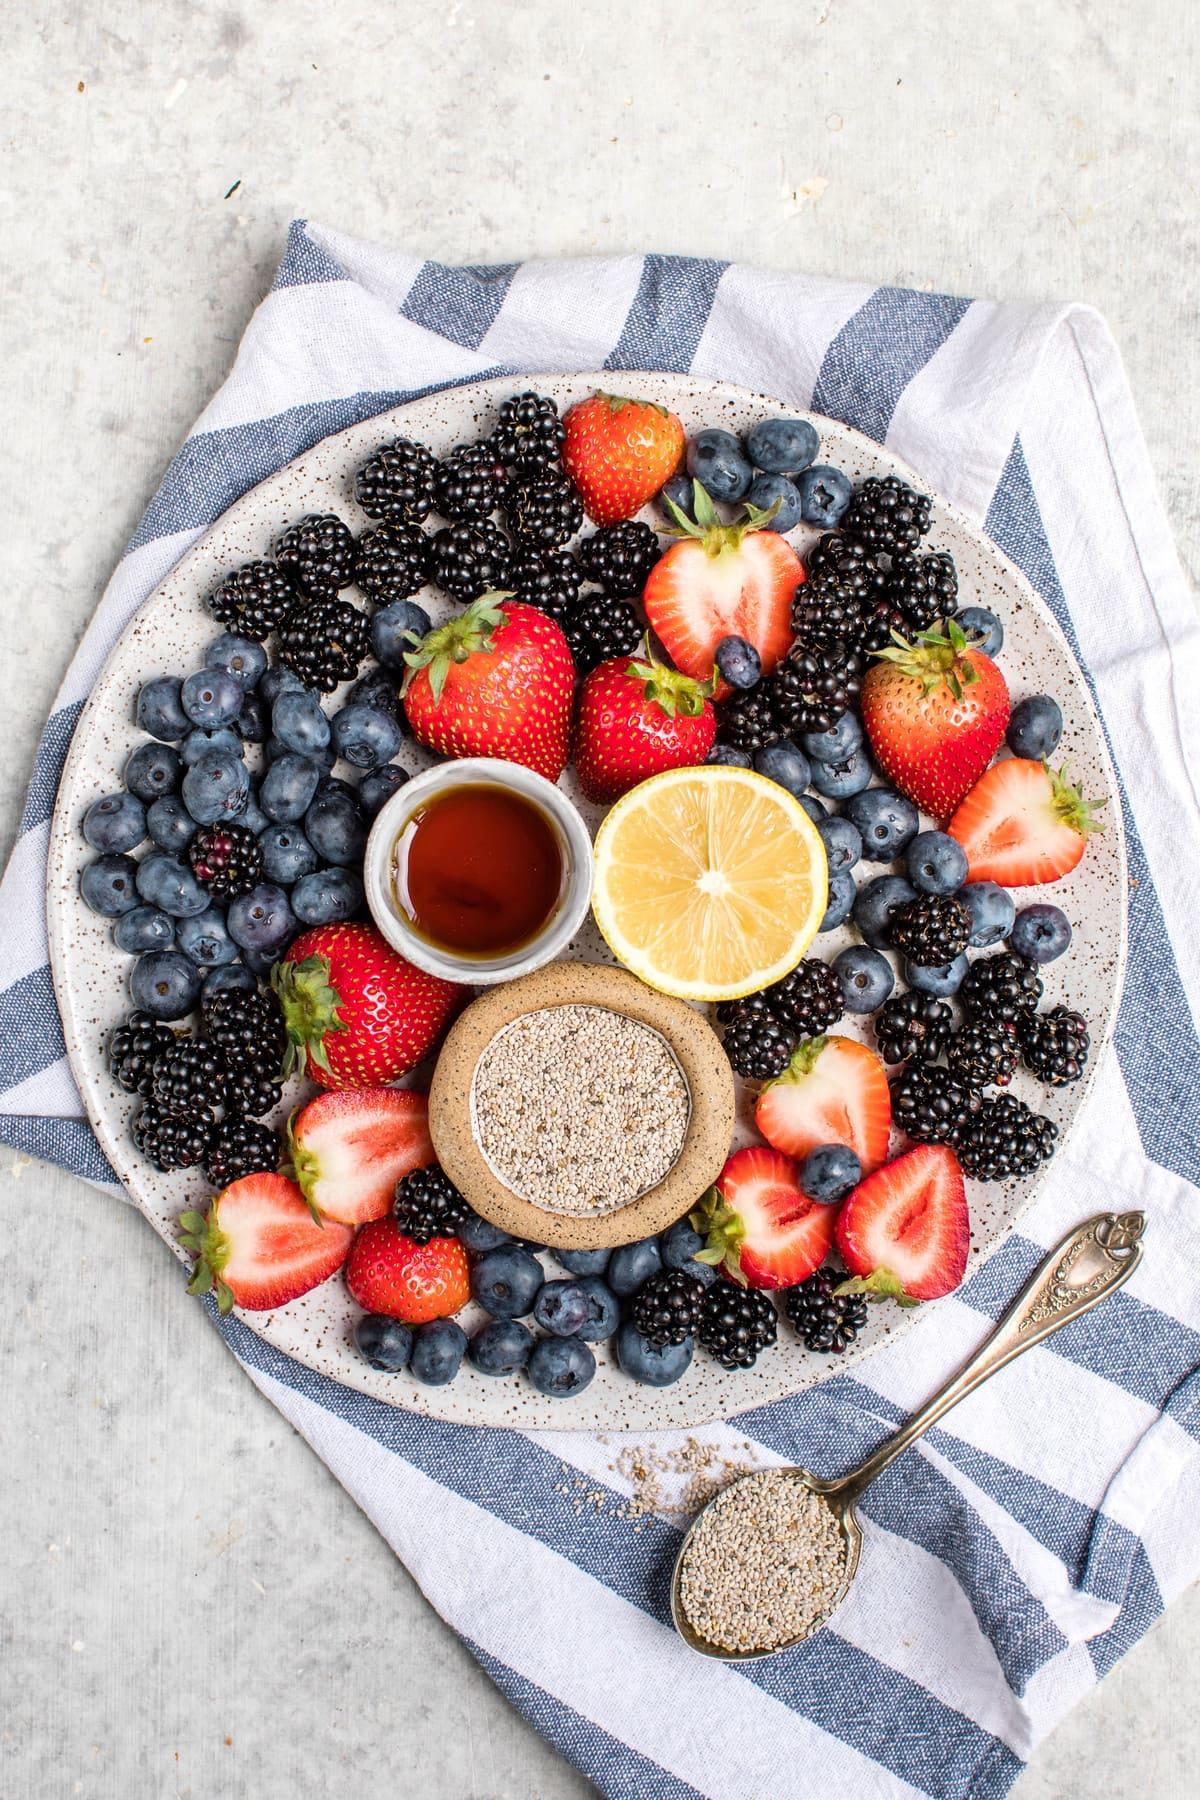 plate of fresh berries